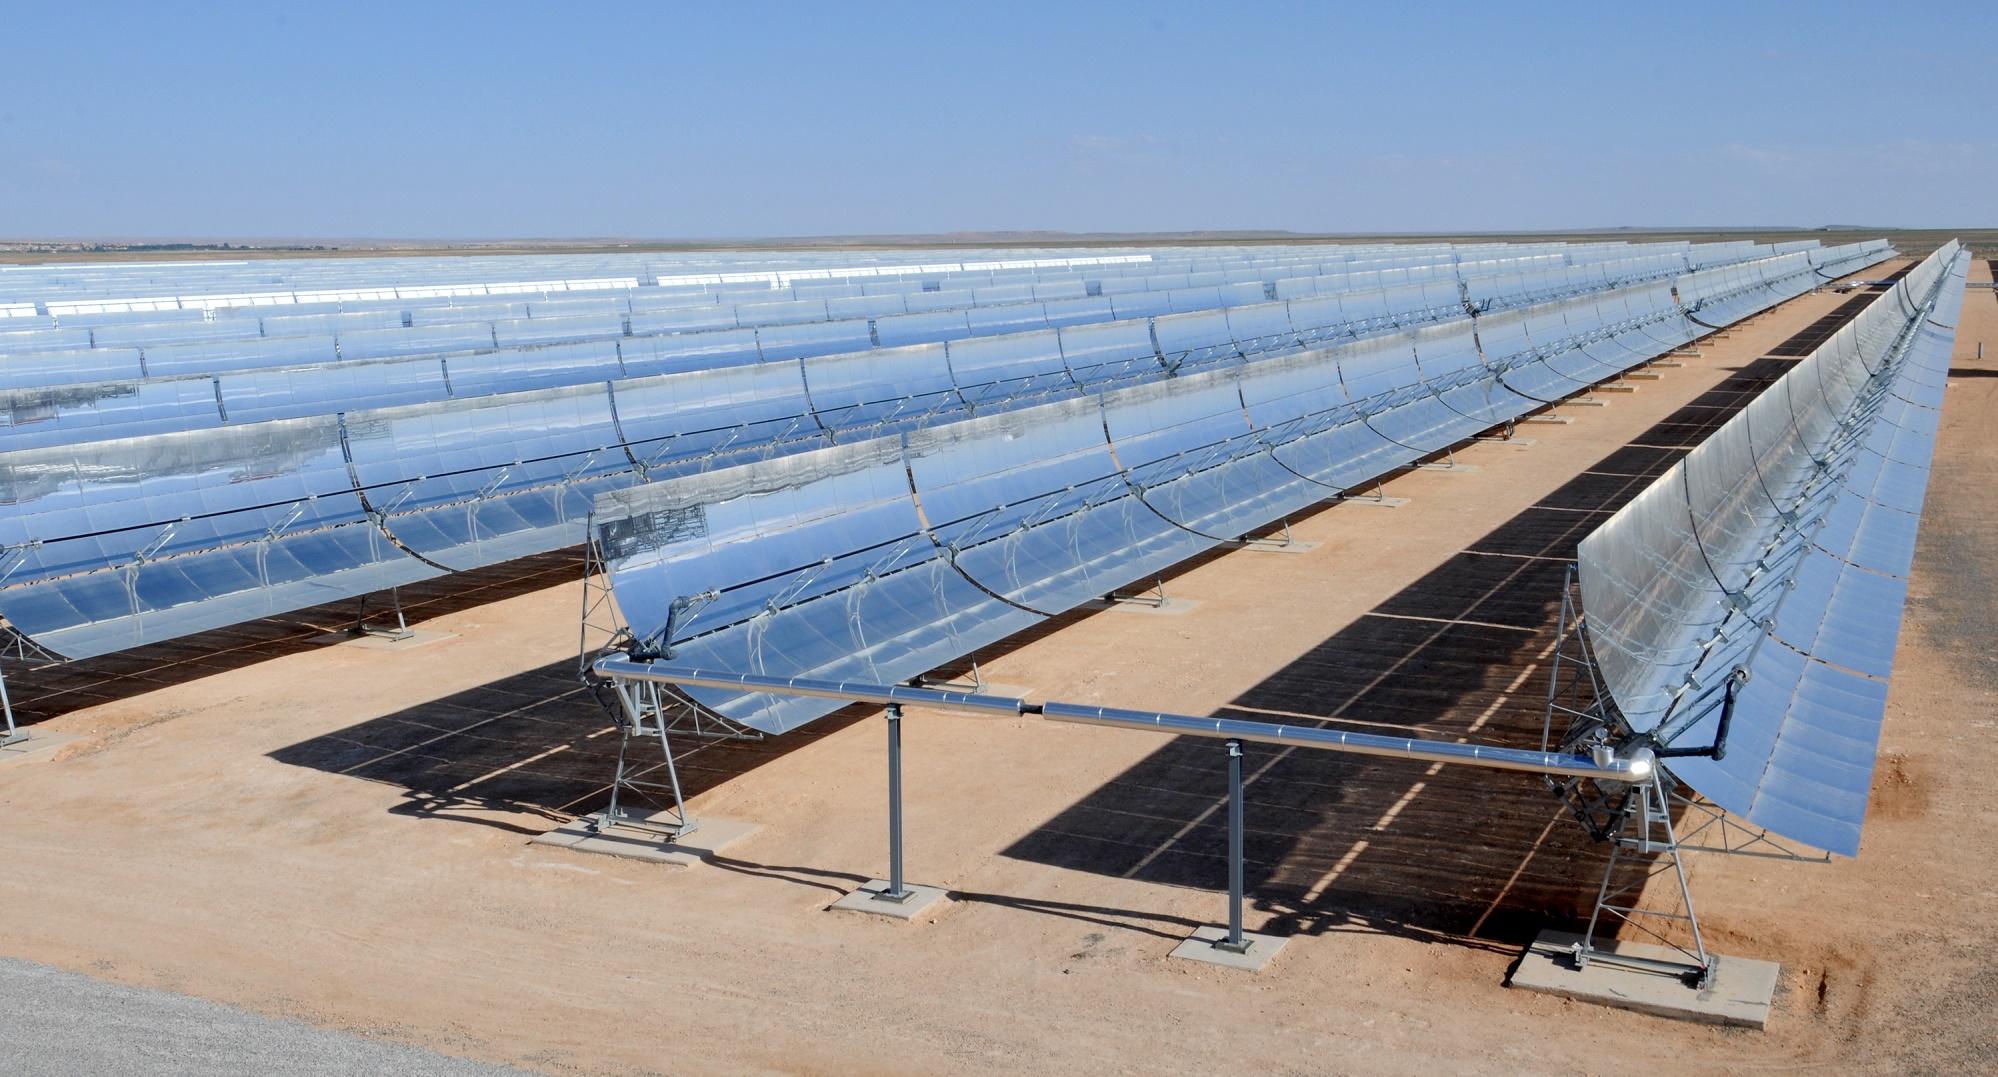 Así es la gigantesca planta solar que está construyendo Marruecos